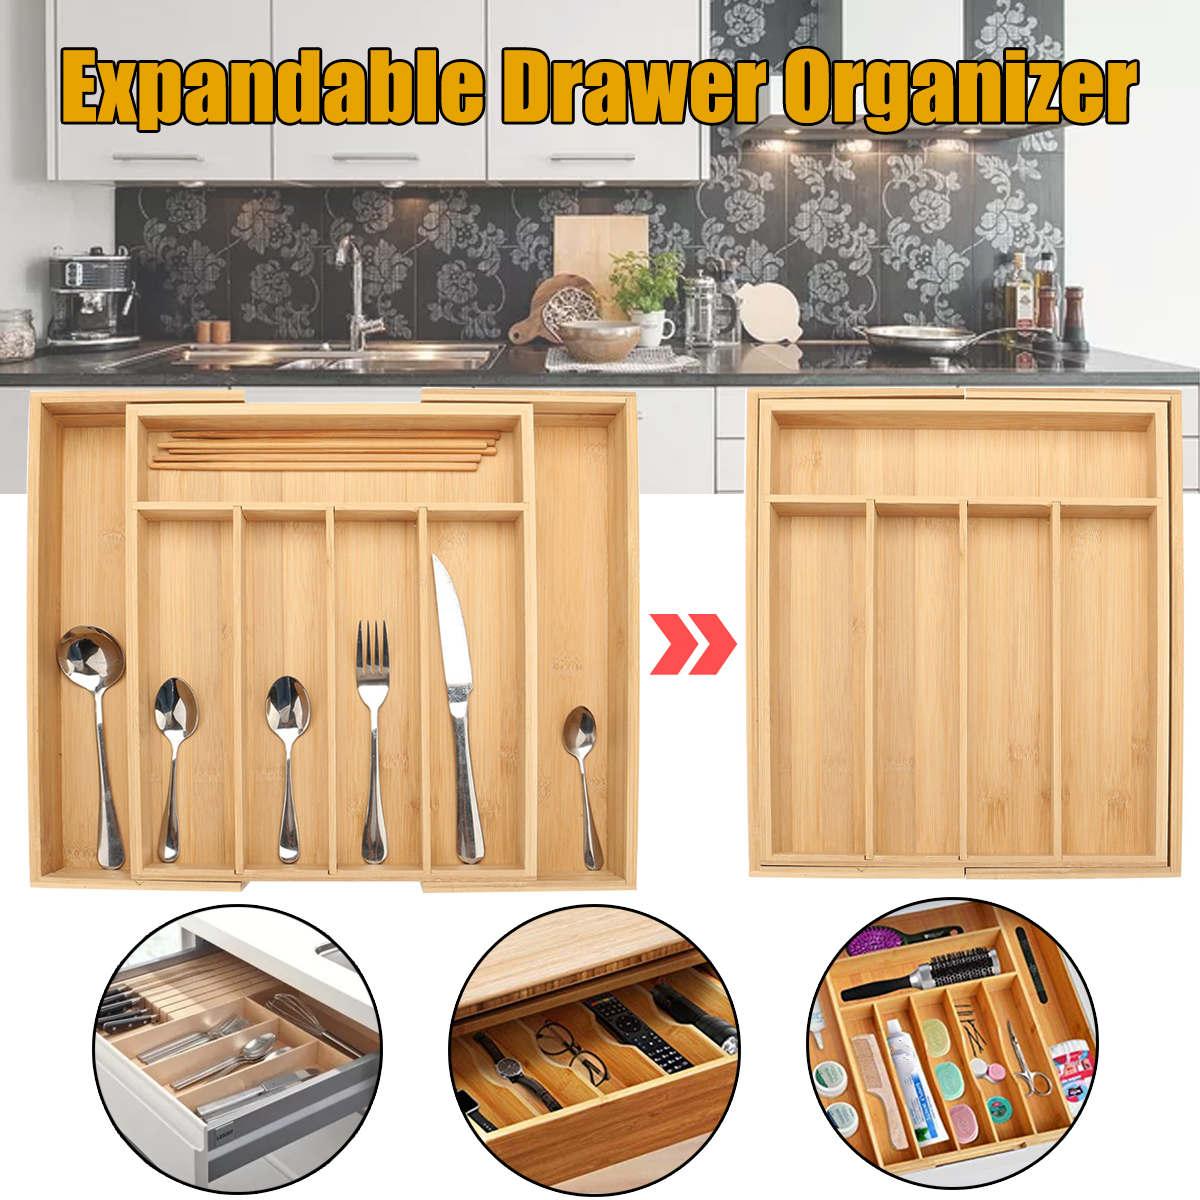 دولاب من خشب البامبو منظم درج المطبخ صينية لوازم المائدة توسيع أواني تخزين أدوات المائدة